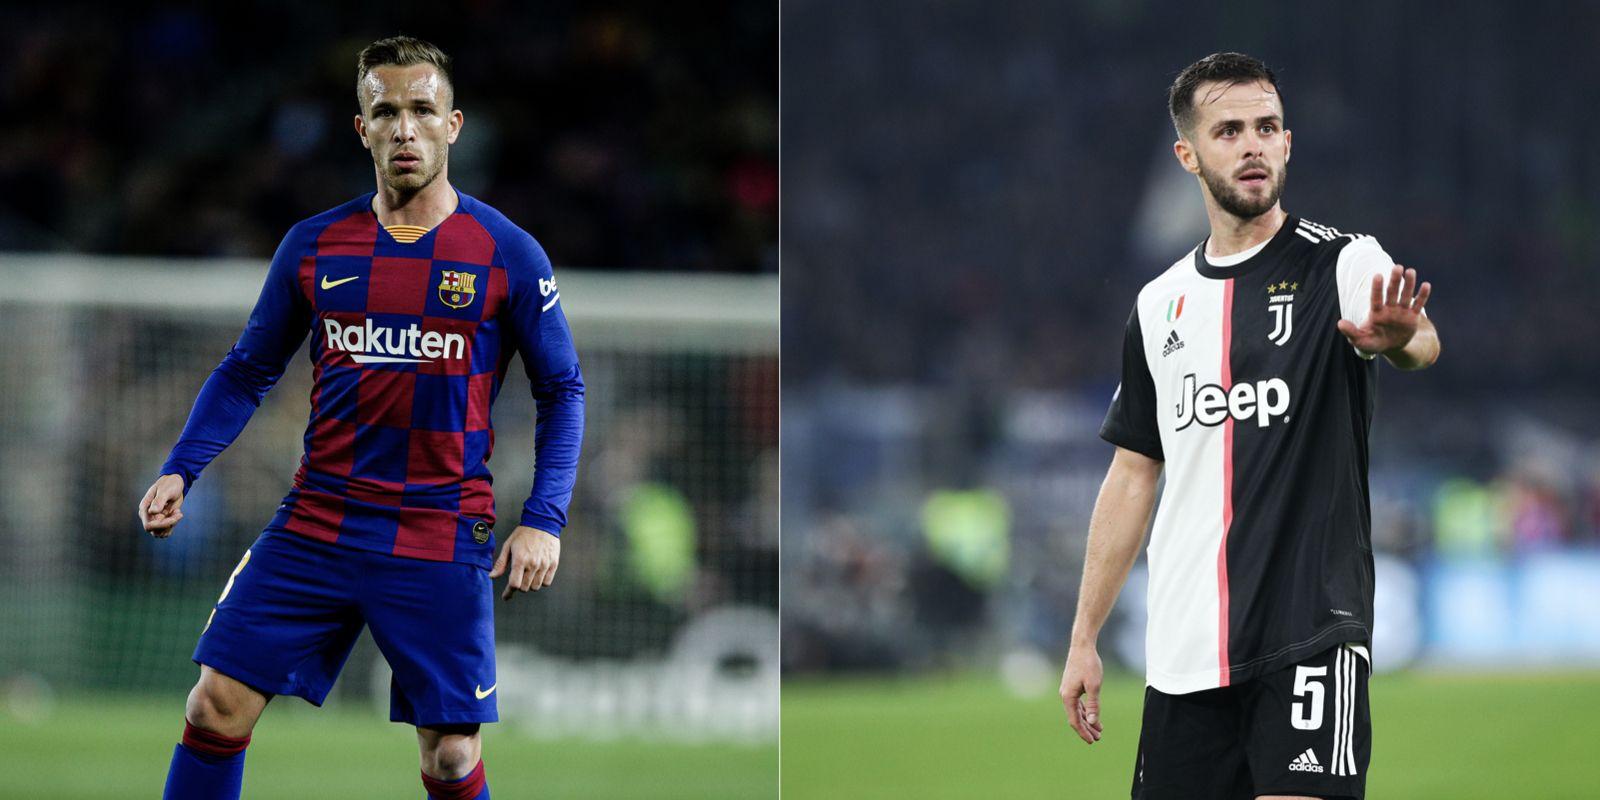 Arthur i Pjanic, els jugadors implicats en l'intercanvi entre el Barça i la Juventus | Europa Press